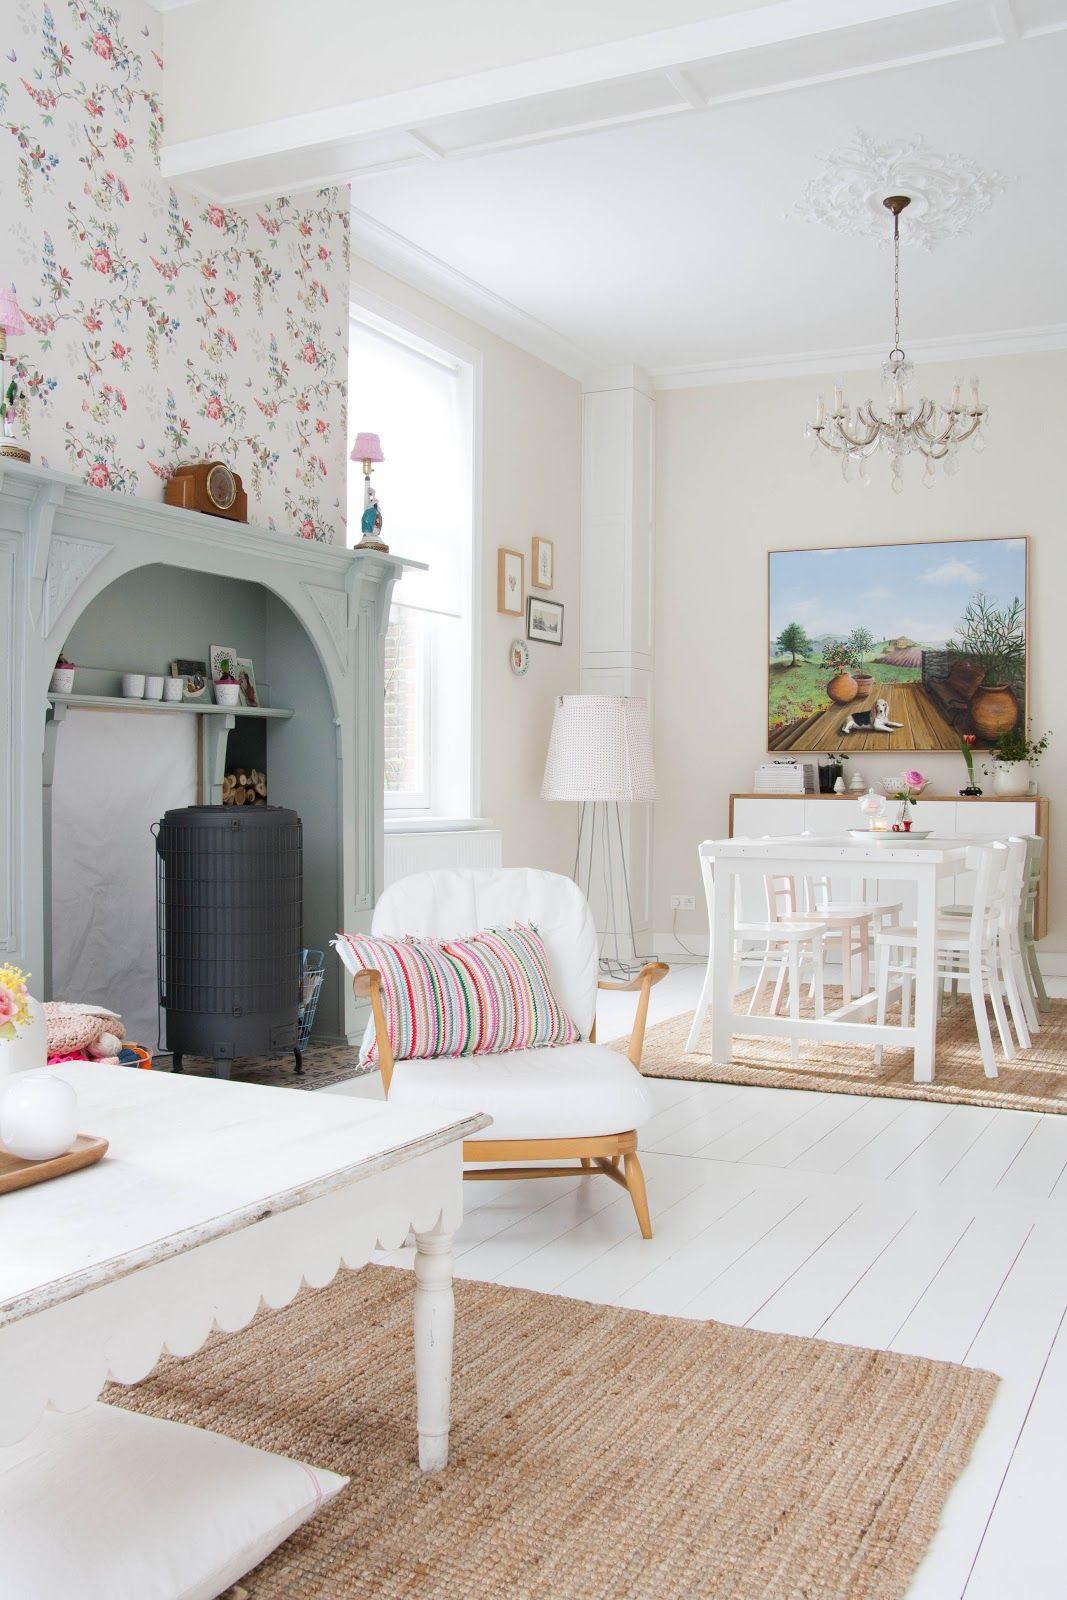 Un hogar nórdico y romántico | Decorar tu casa es facilisimo.com